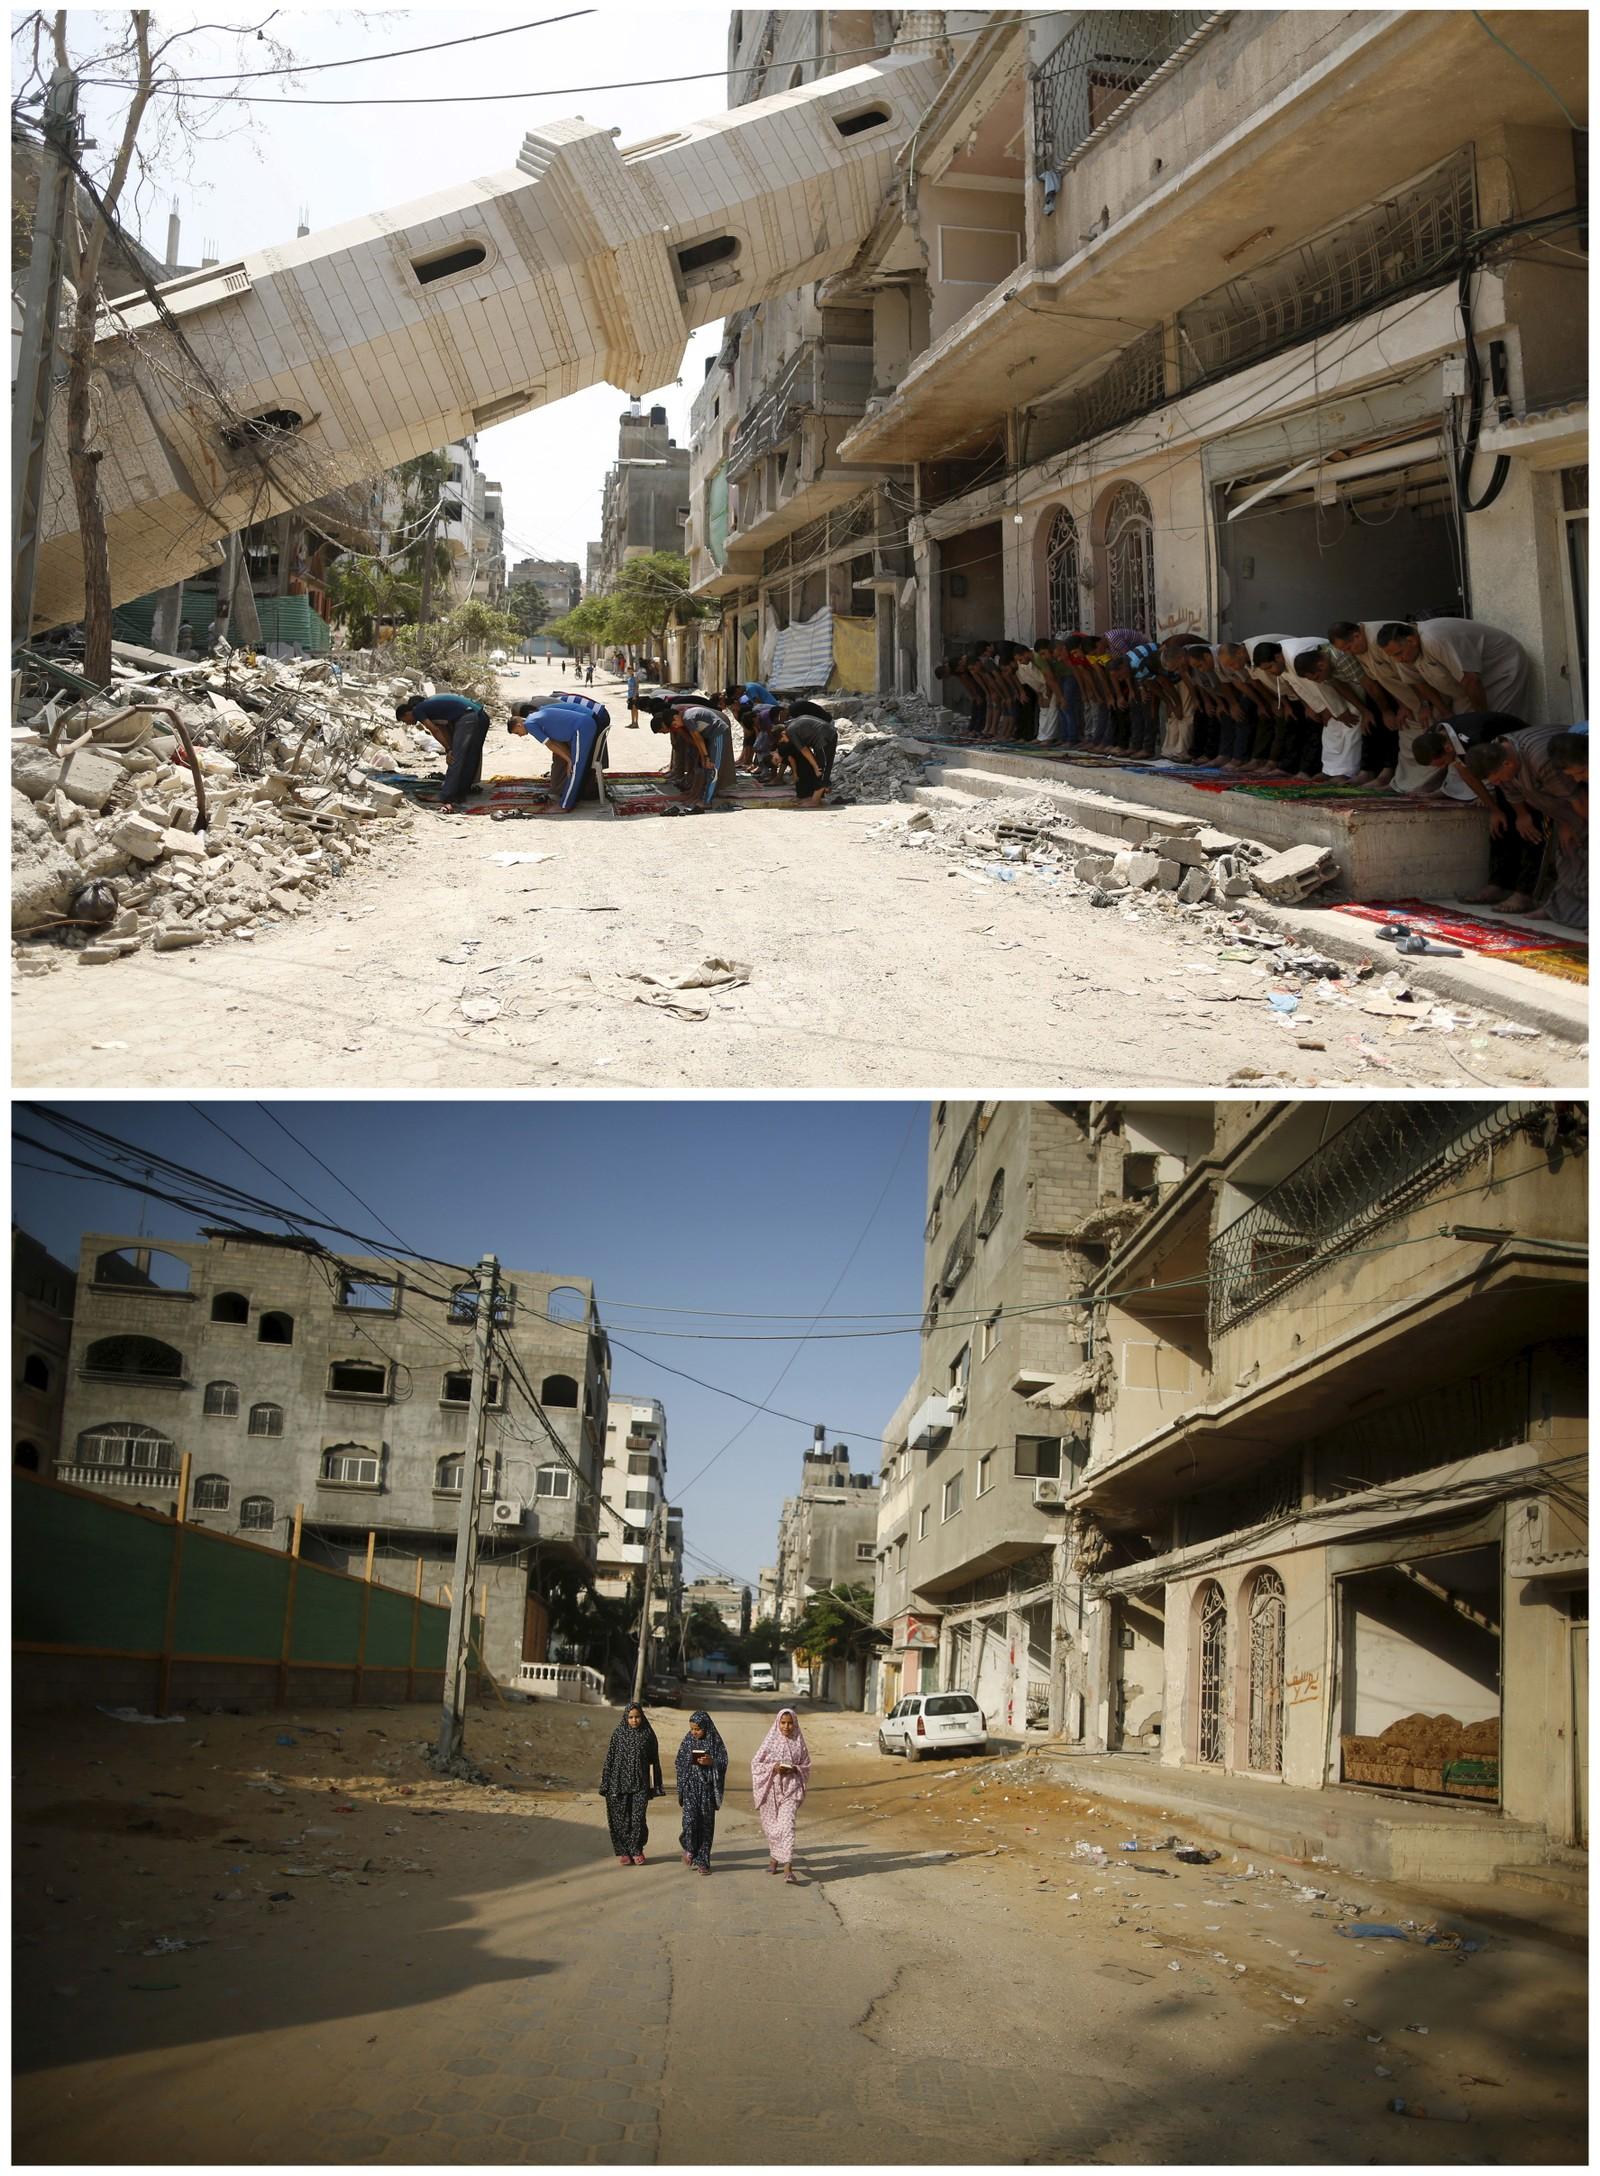 15. august i fjor gikk fredagsbønnen sin vante gang i Gaza by, til tross for at flere moskeer - som denne - var truffet av israelske bomber. Bildet under er fra samme sted og ble tatt 6. juli i år.